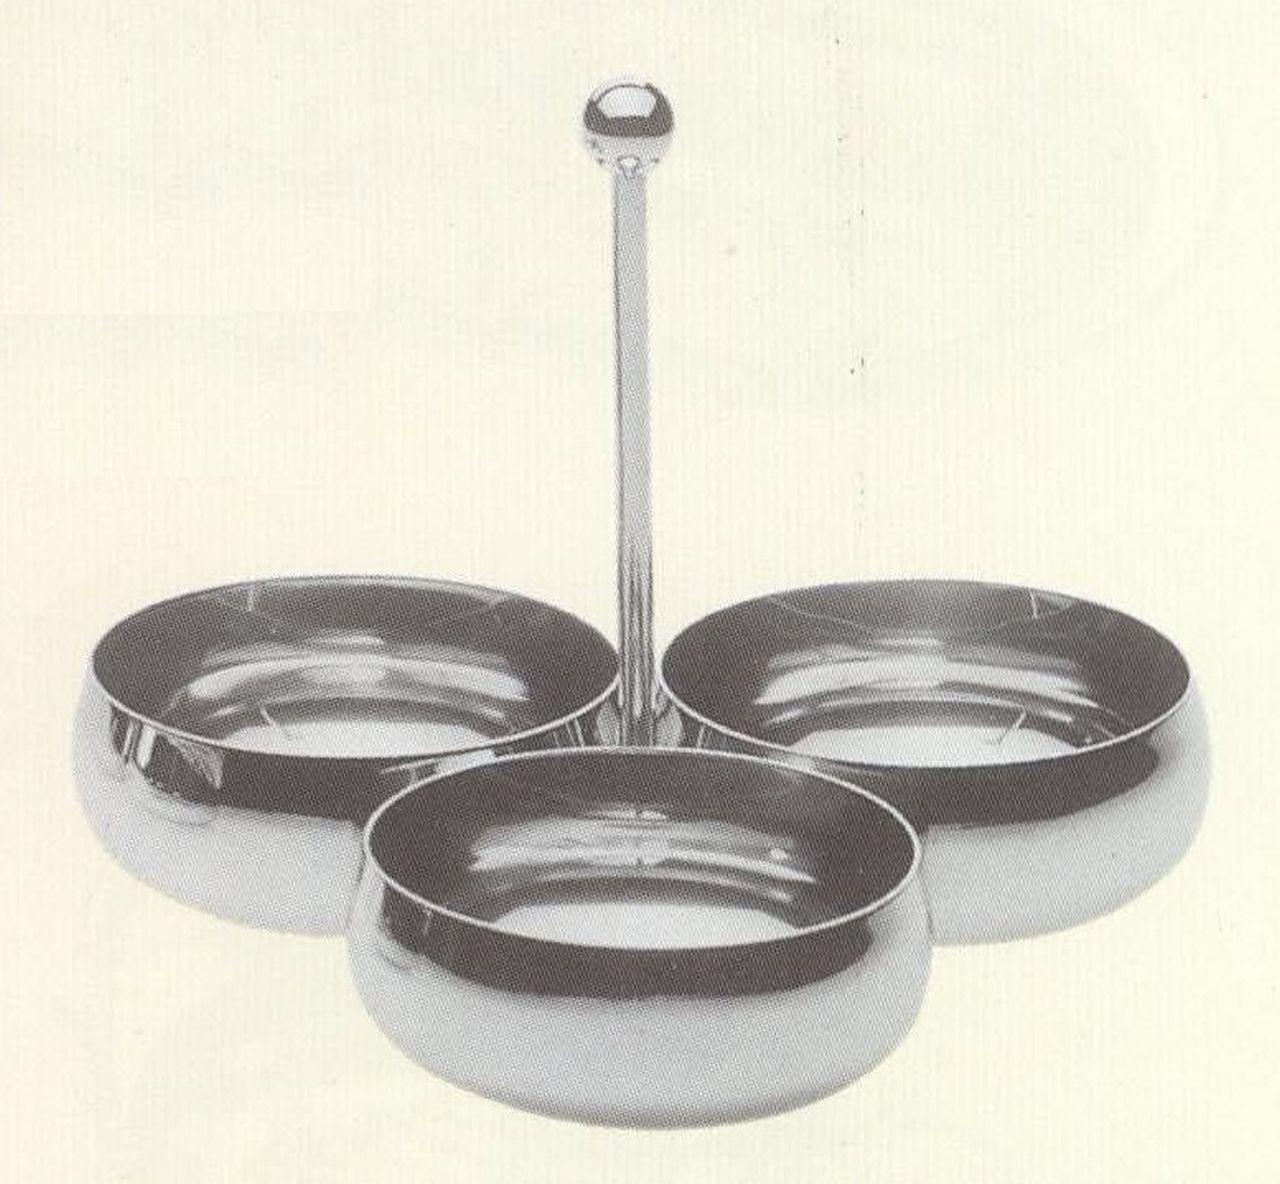 Portasalatini in acciaio placcato argento cm.19x19h